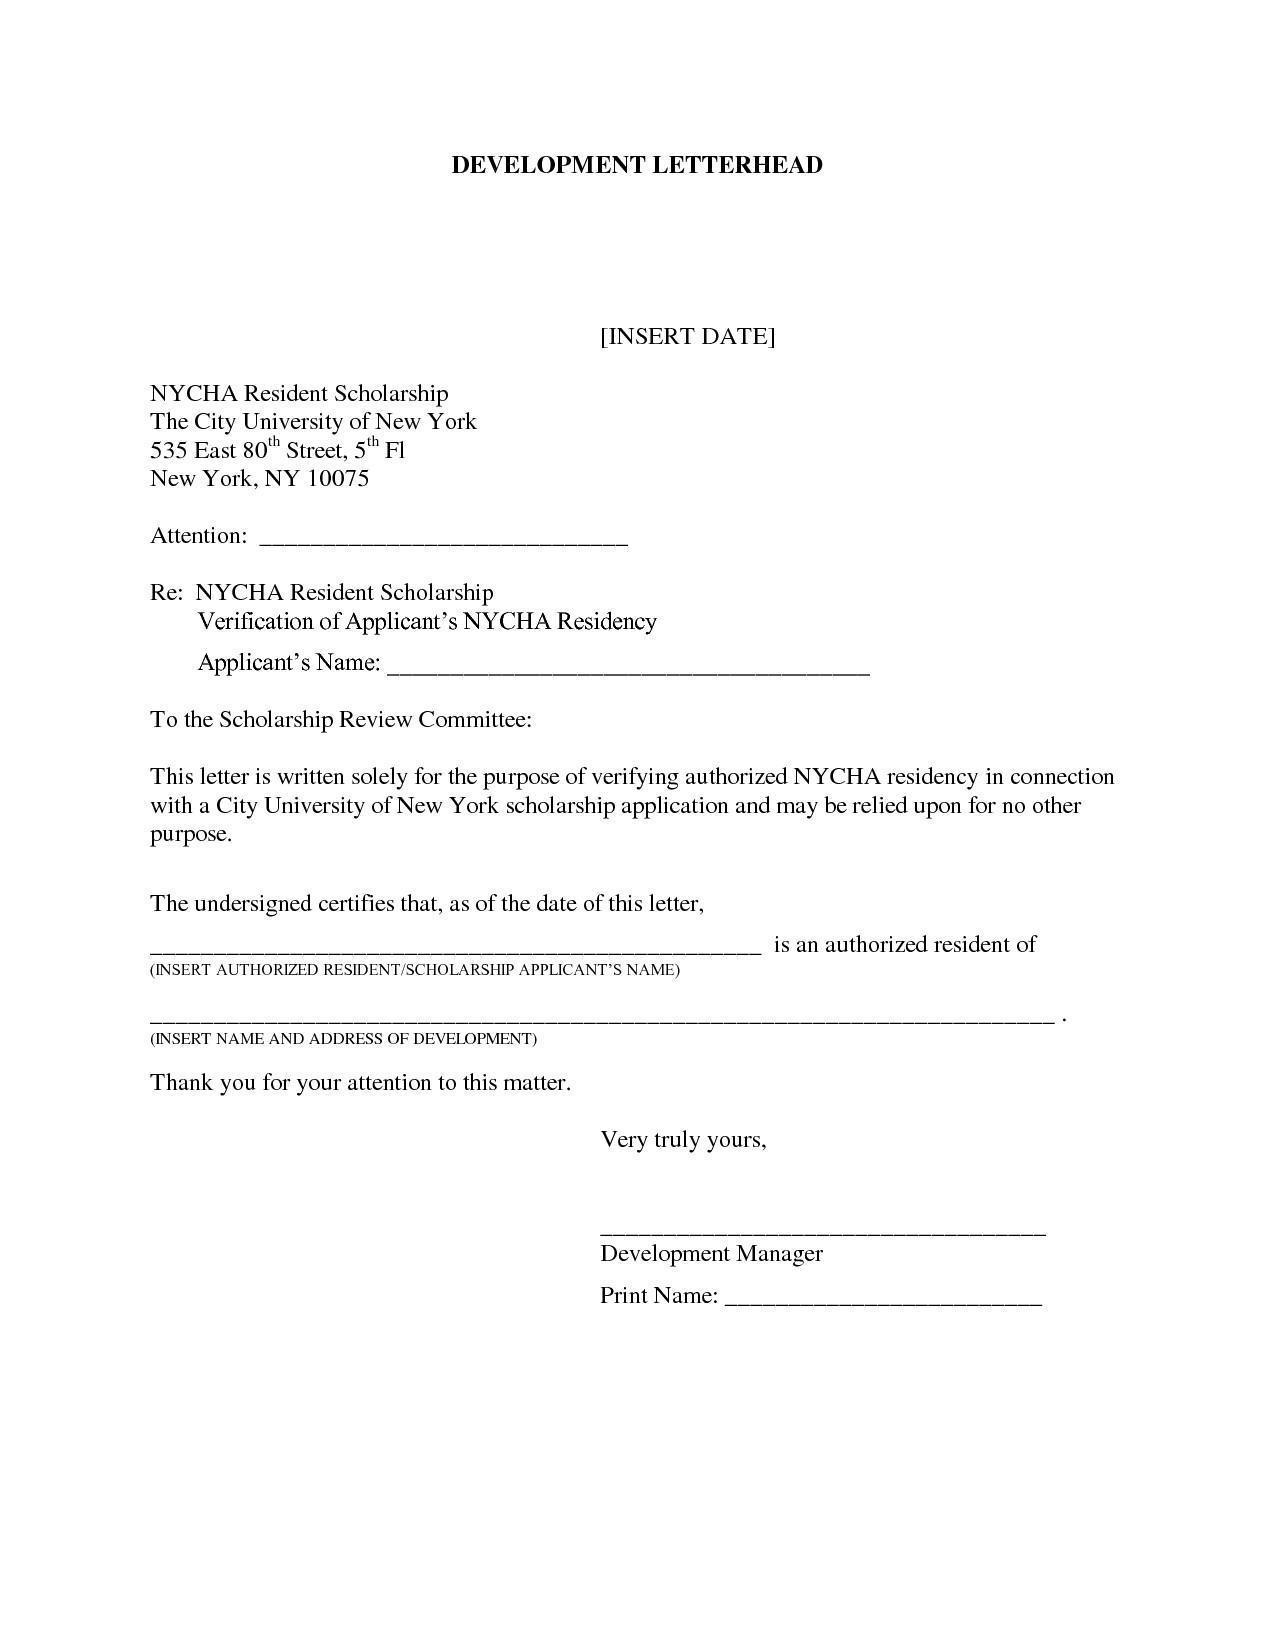 Certificate of Residence Sample